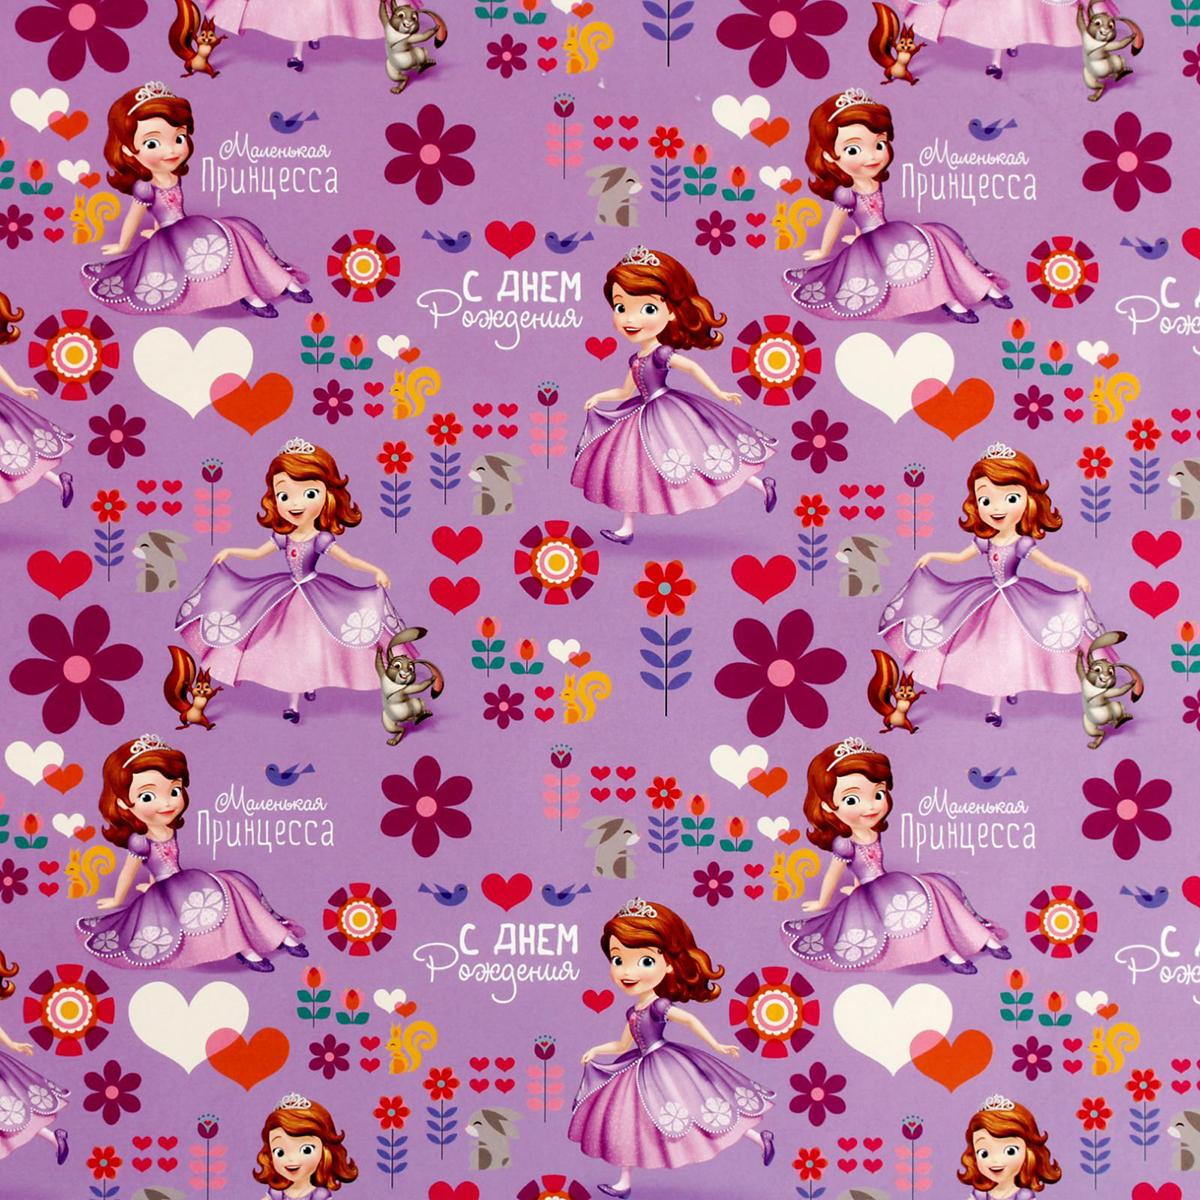 Бумага упаковочная Disney С Днем Рождения! Милая принцесса. София прекрасная, глянцевая, 70 х 100 см. 2586457 бумага упаковочная disney с днем рождения самая милая минни маус глянцевая 70 х 100 см 2390649